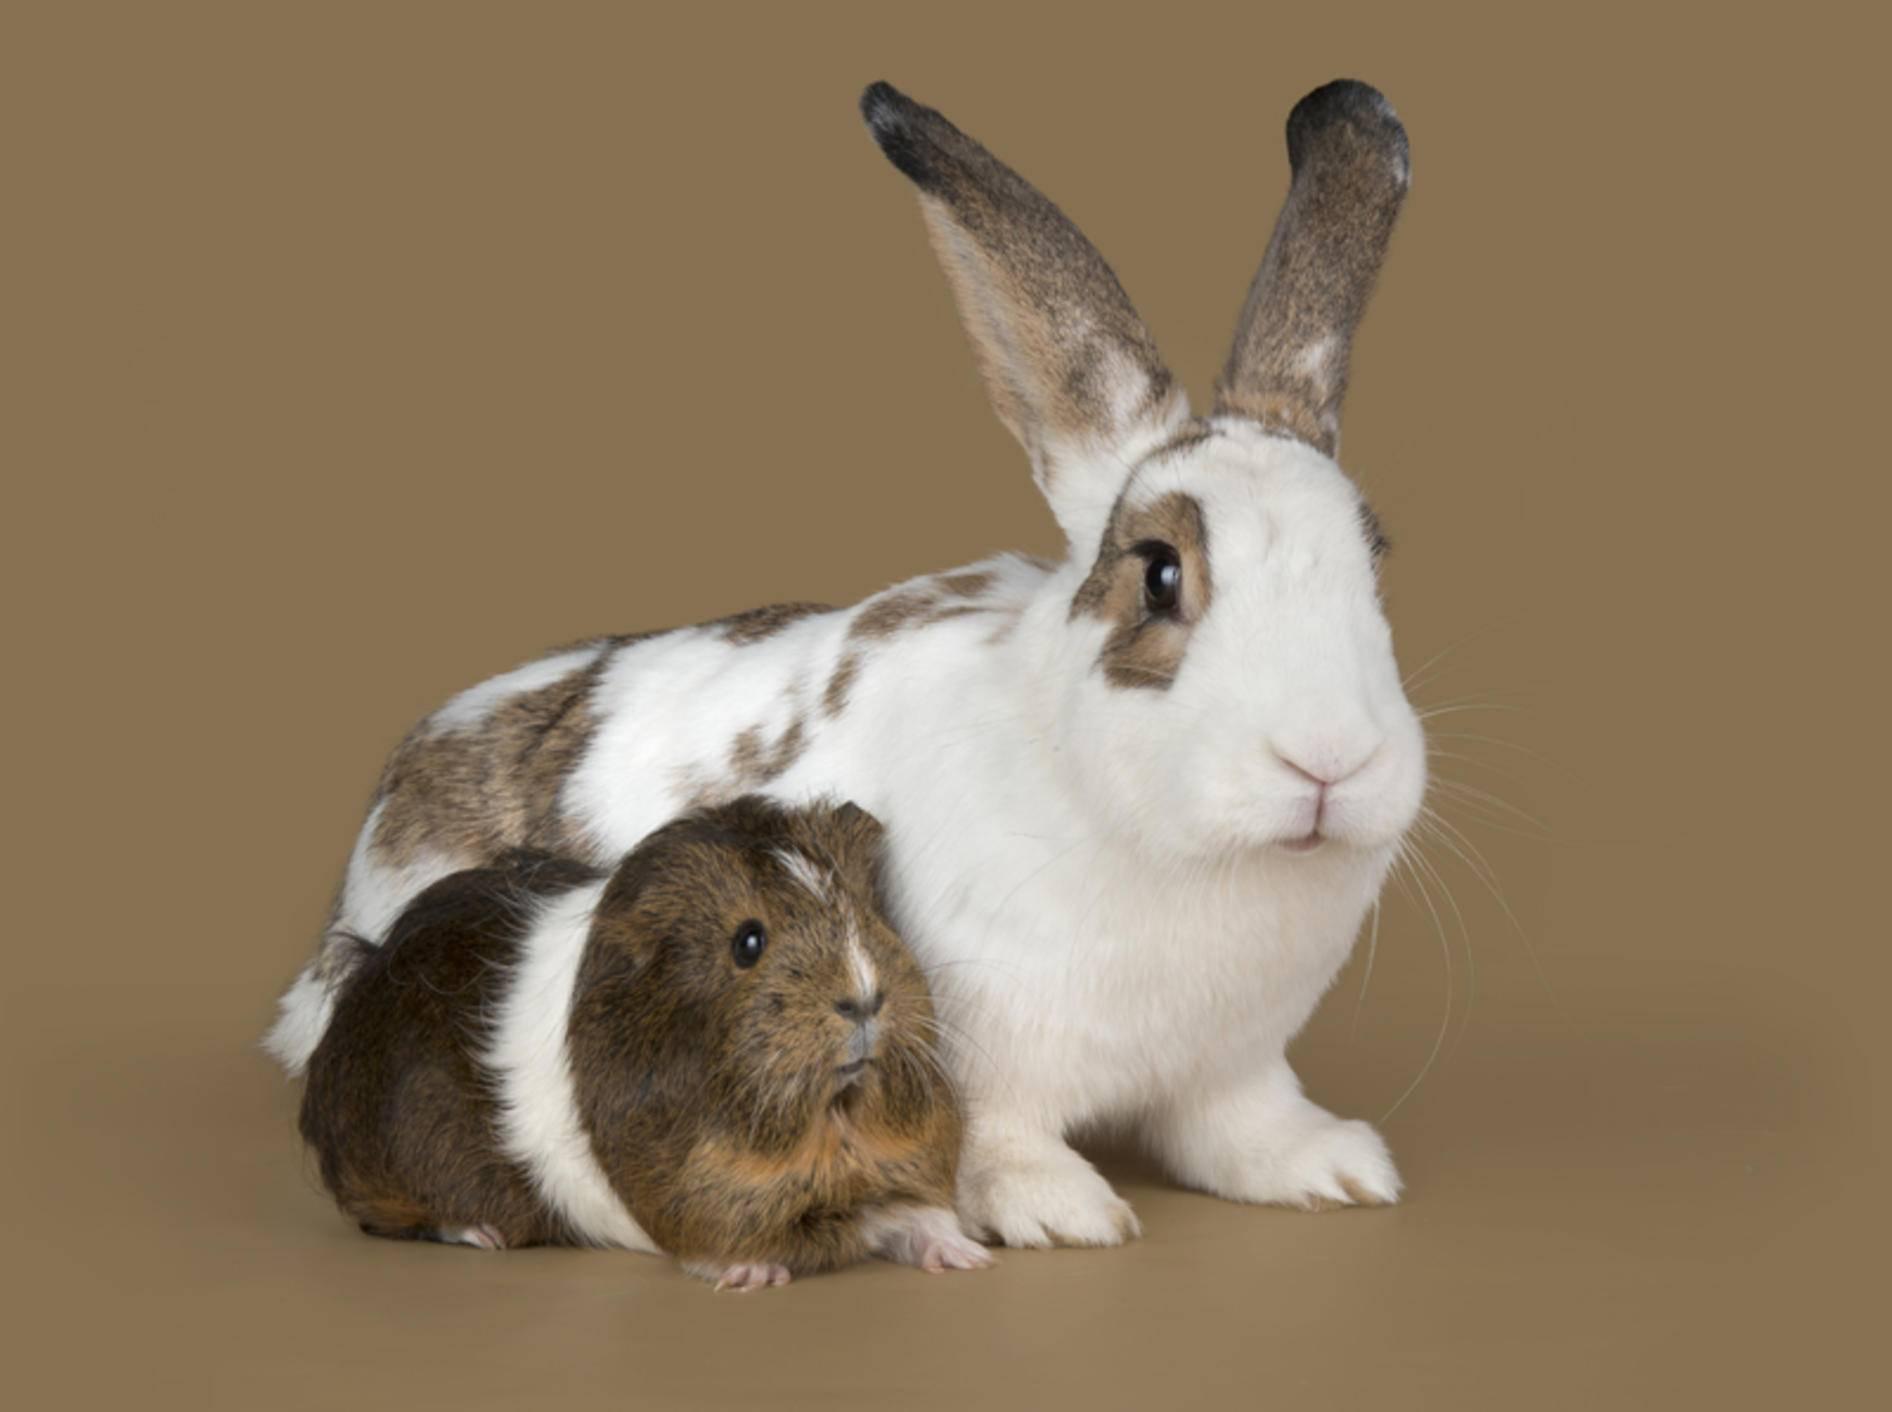 Meerschweinchen und Kaninchen kommunizieren auf ganz unterschiedliche Art und Weise – Shutterstock / photos2013